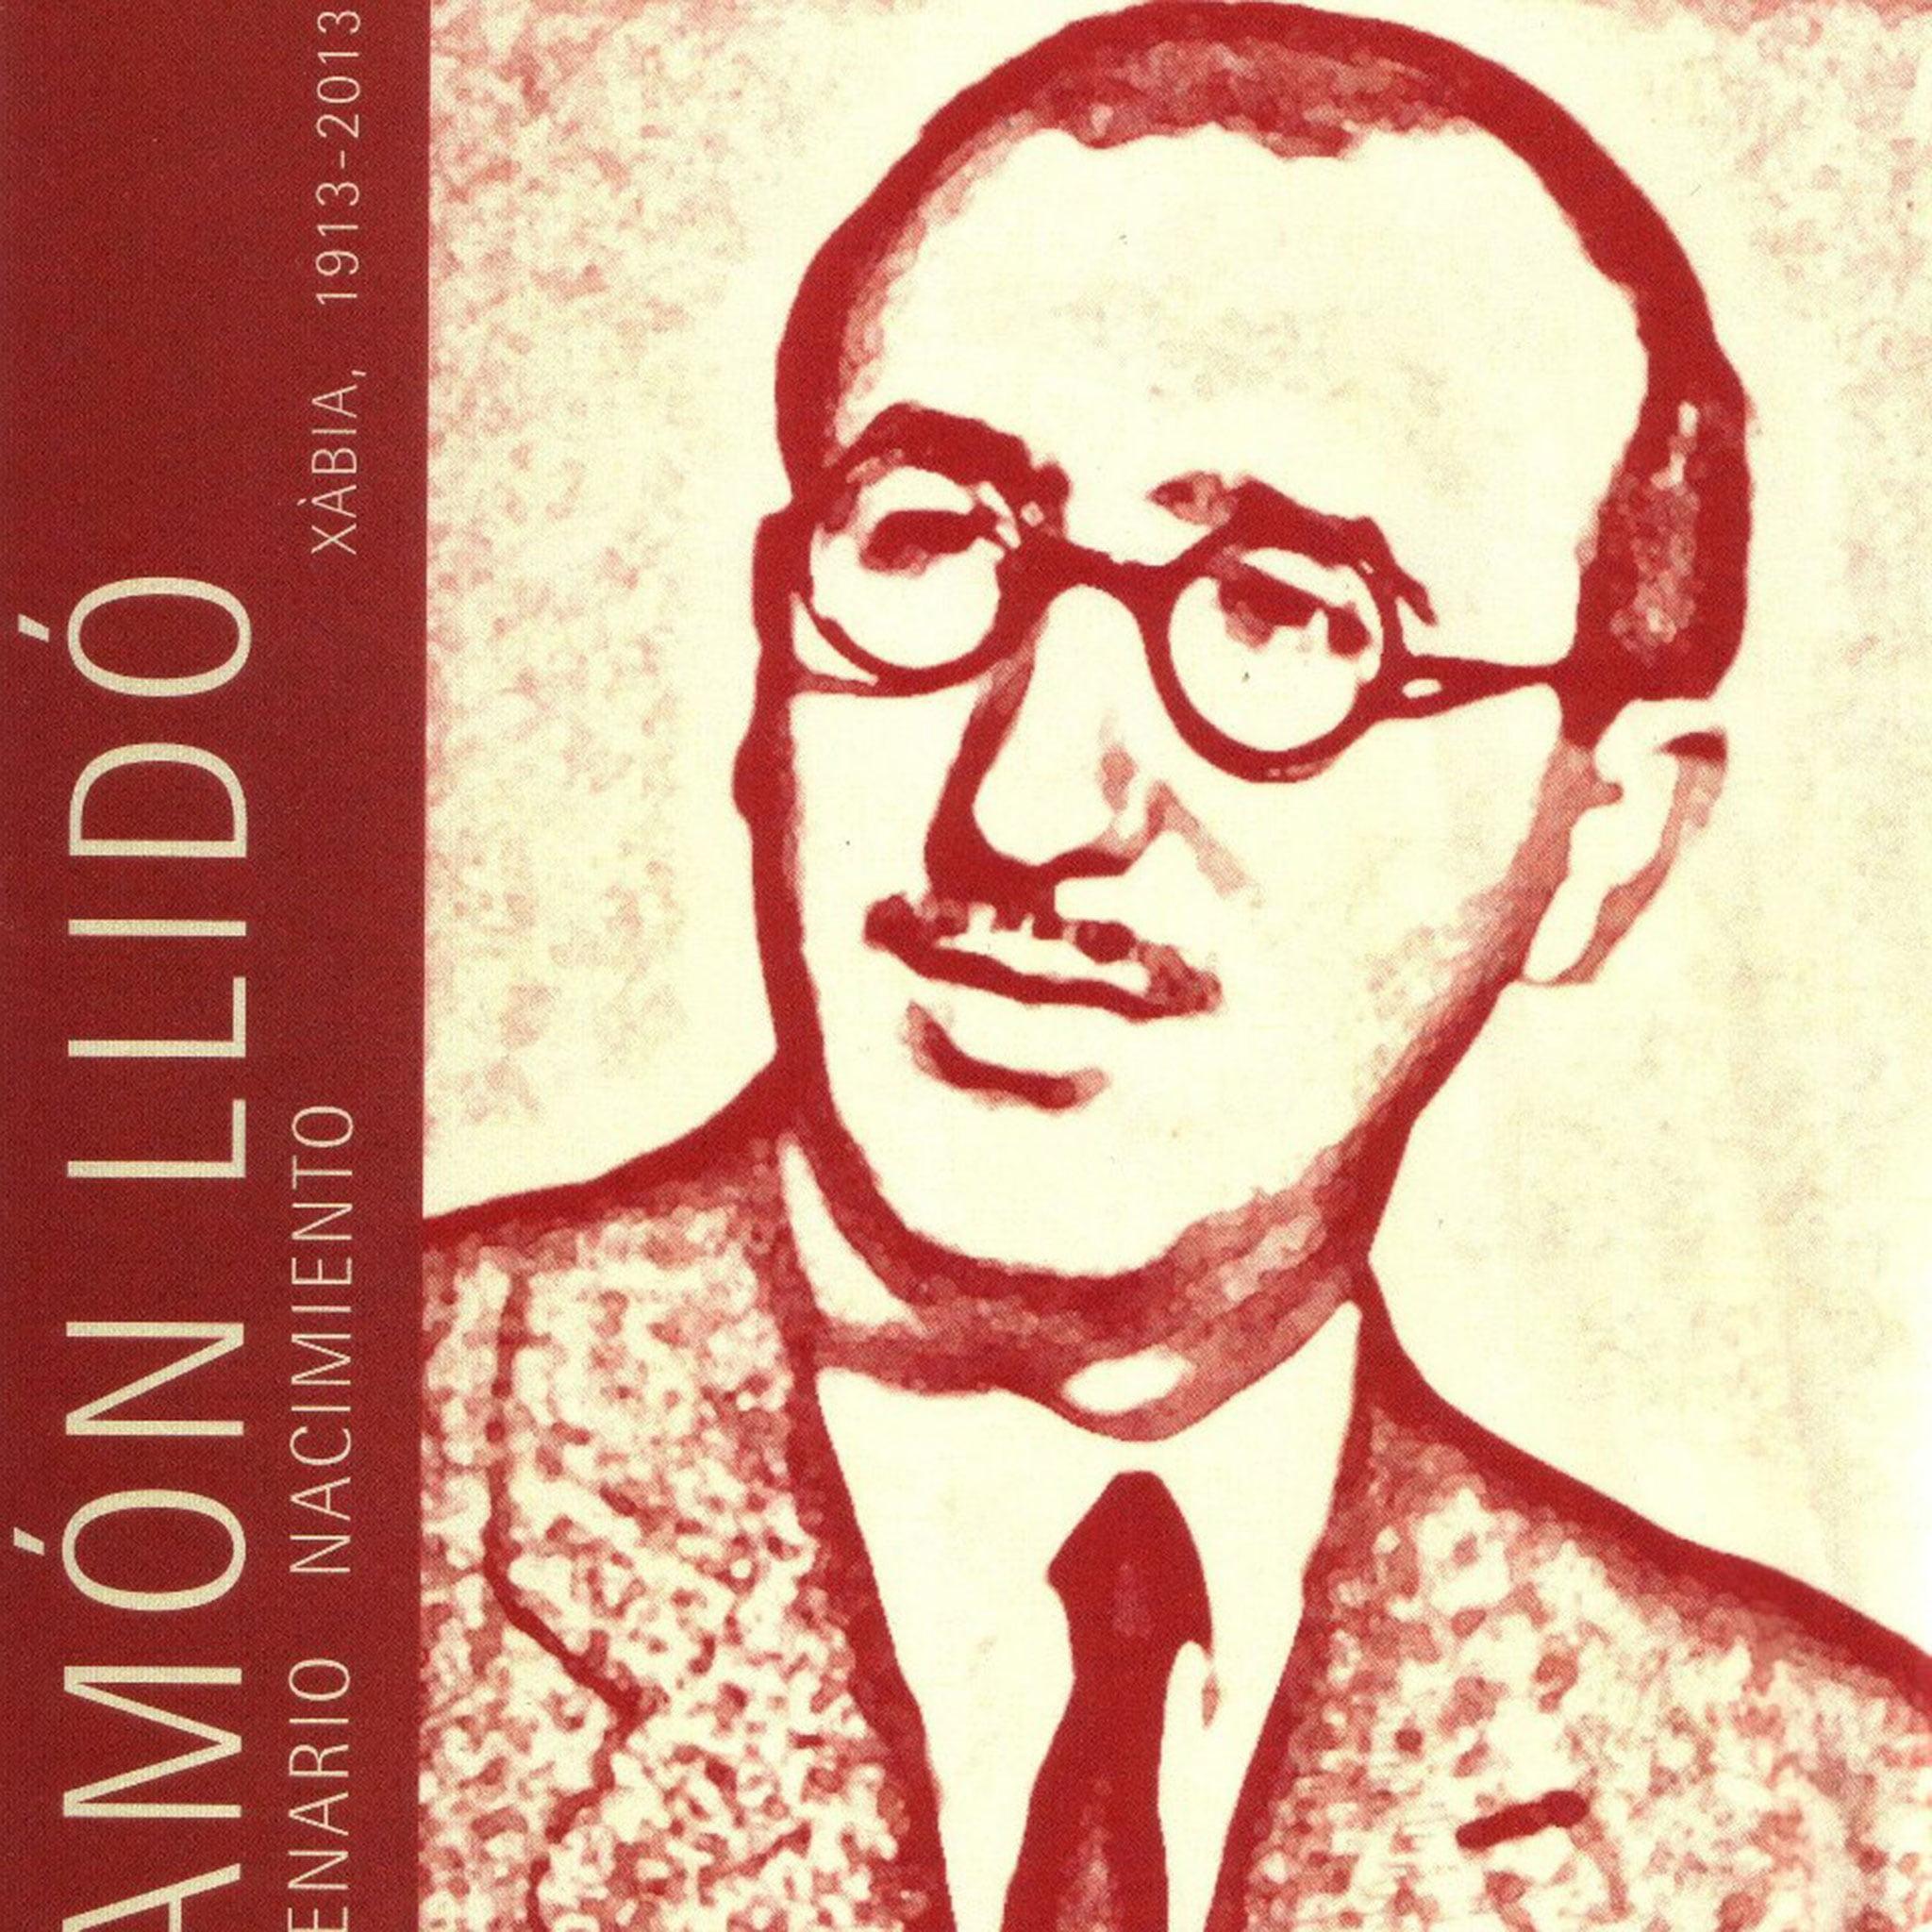 Imagen conmemorativa del centenario del nacimiento de Ramón Llidó